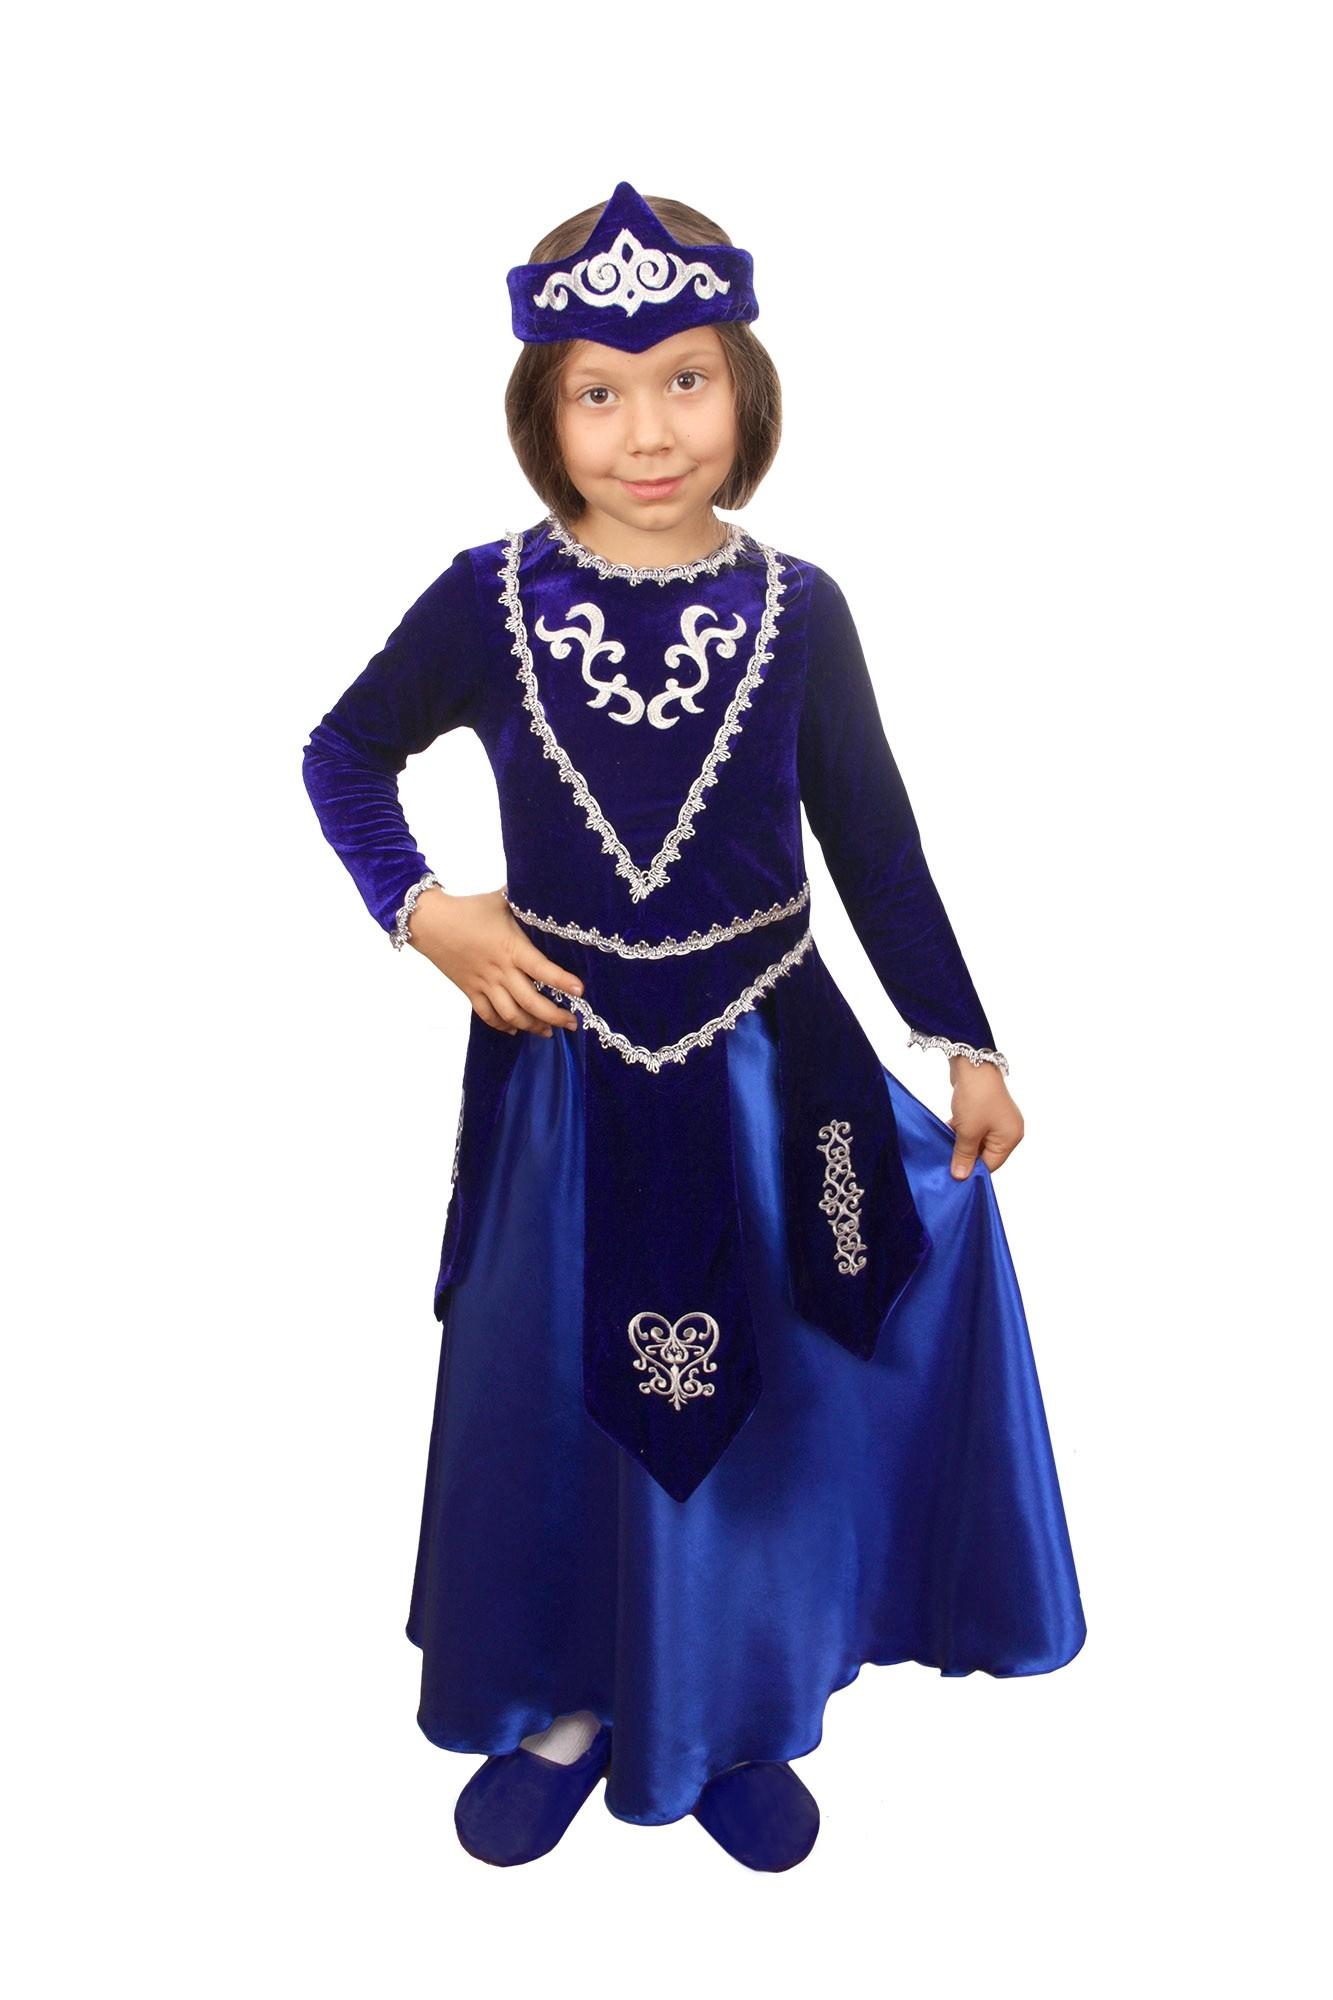 Кавказский национальный костюм для девочек (36) украинский национальный костюм для девочки киев